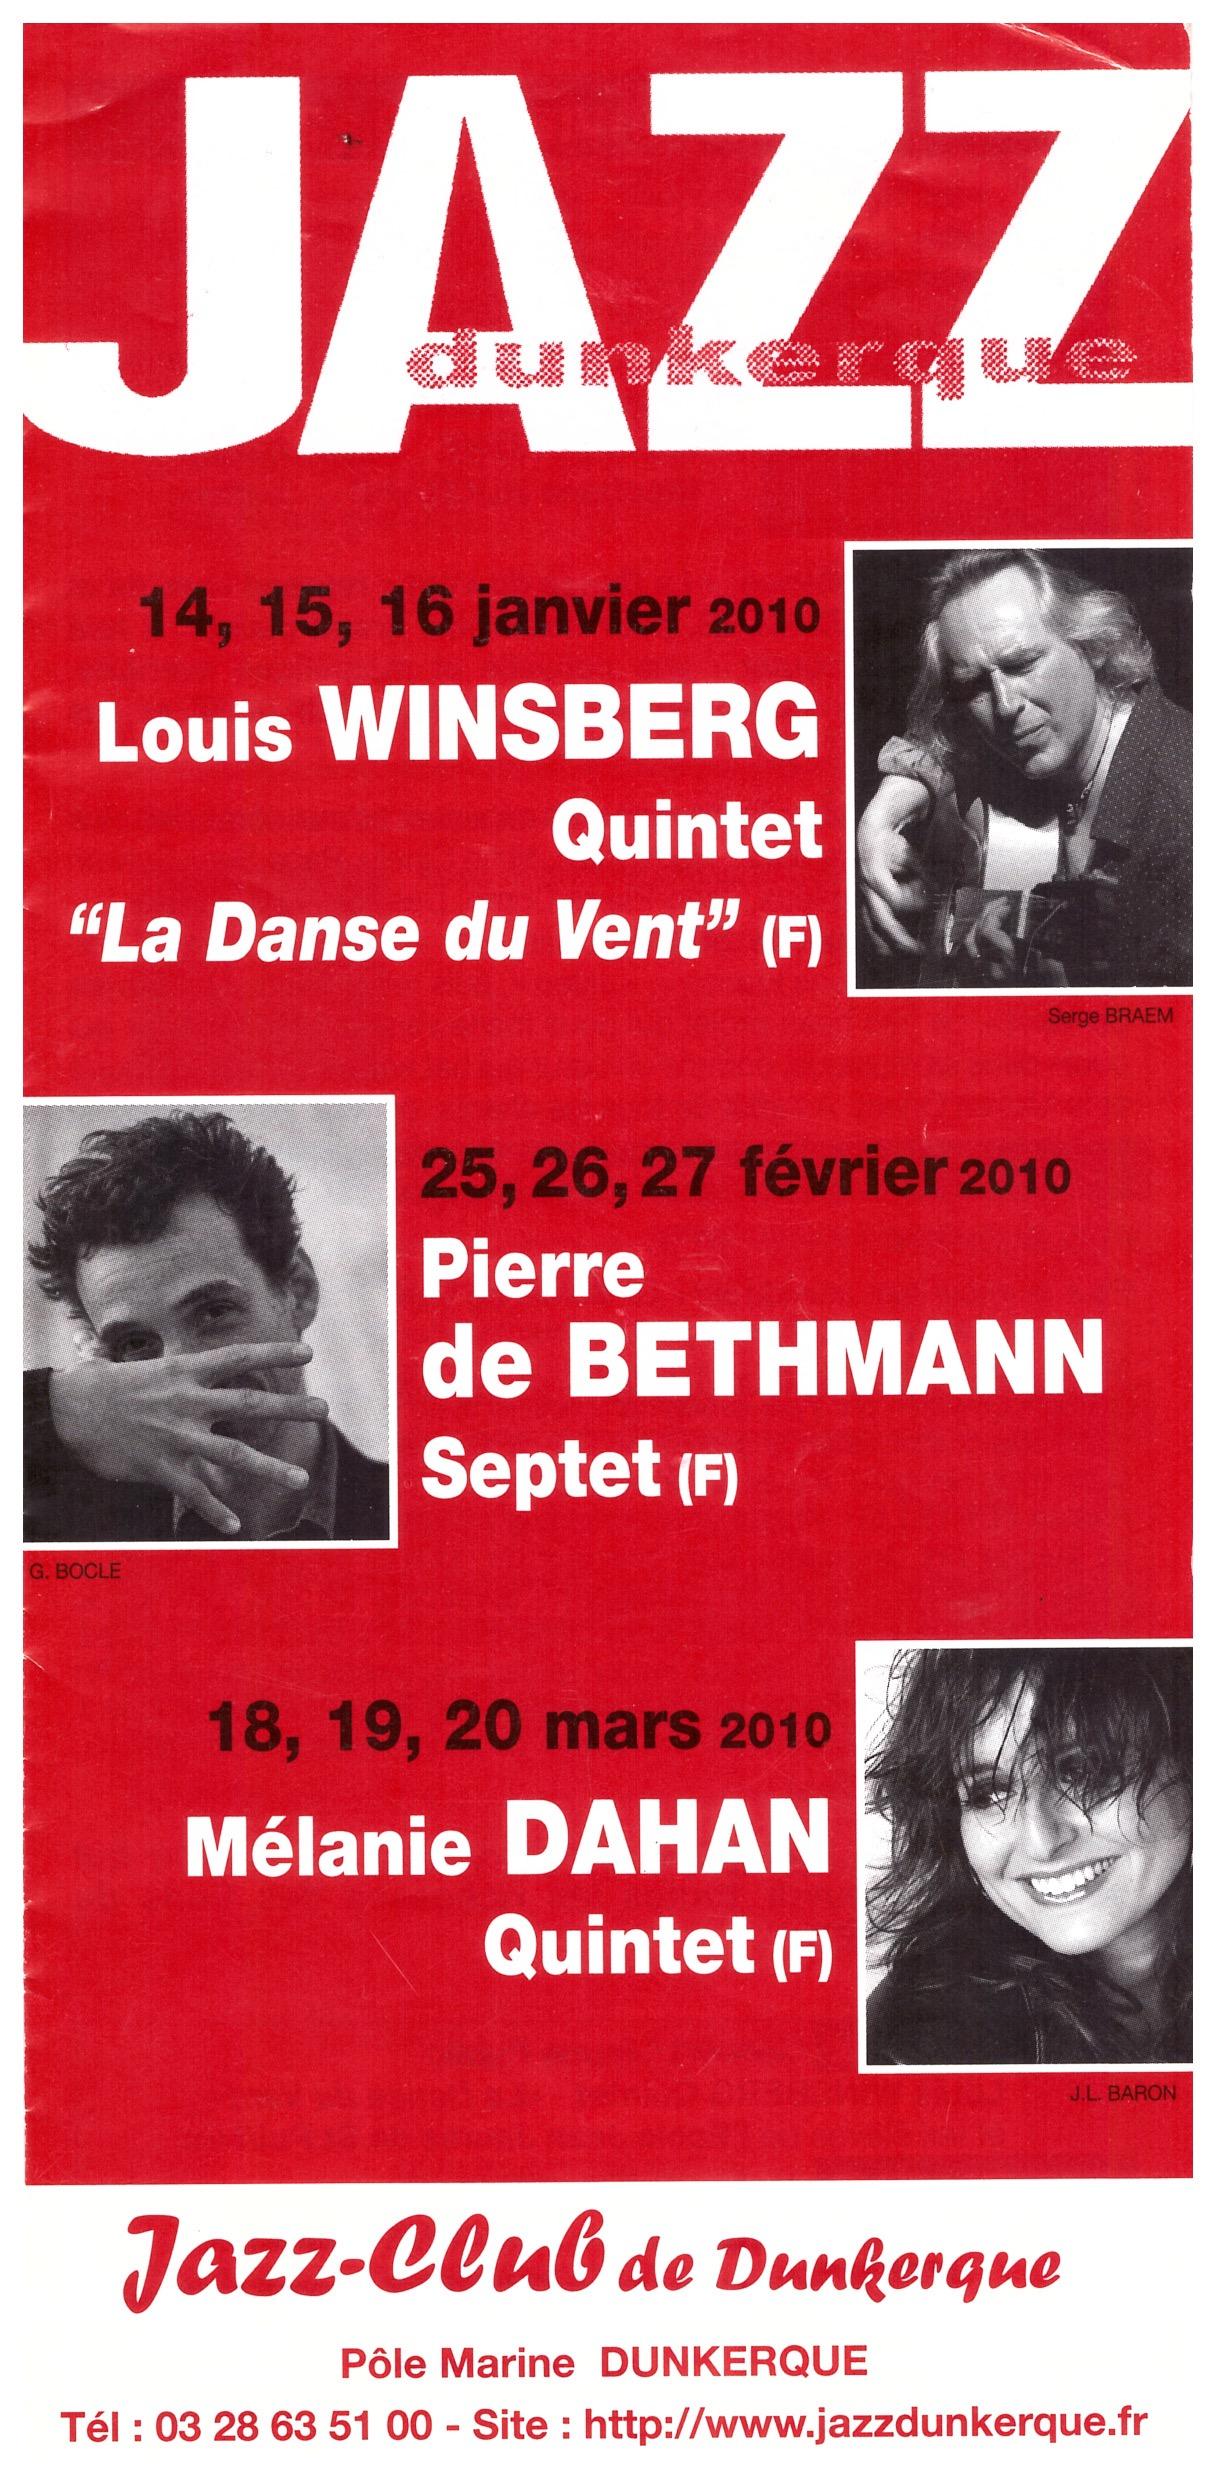 Jazz club Dunkerque